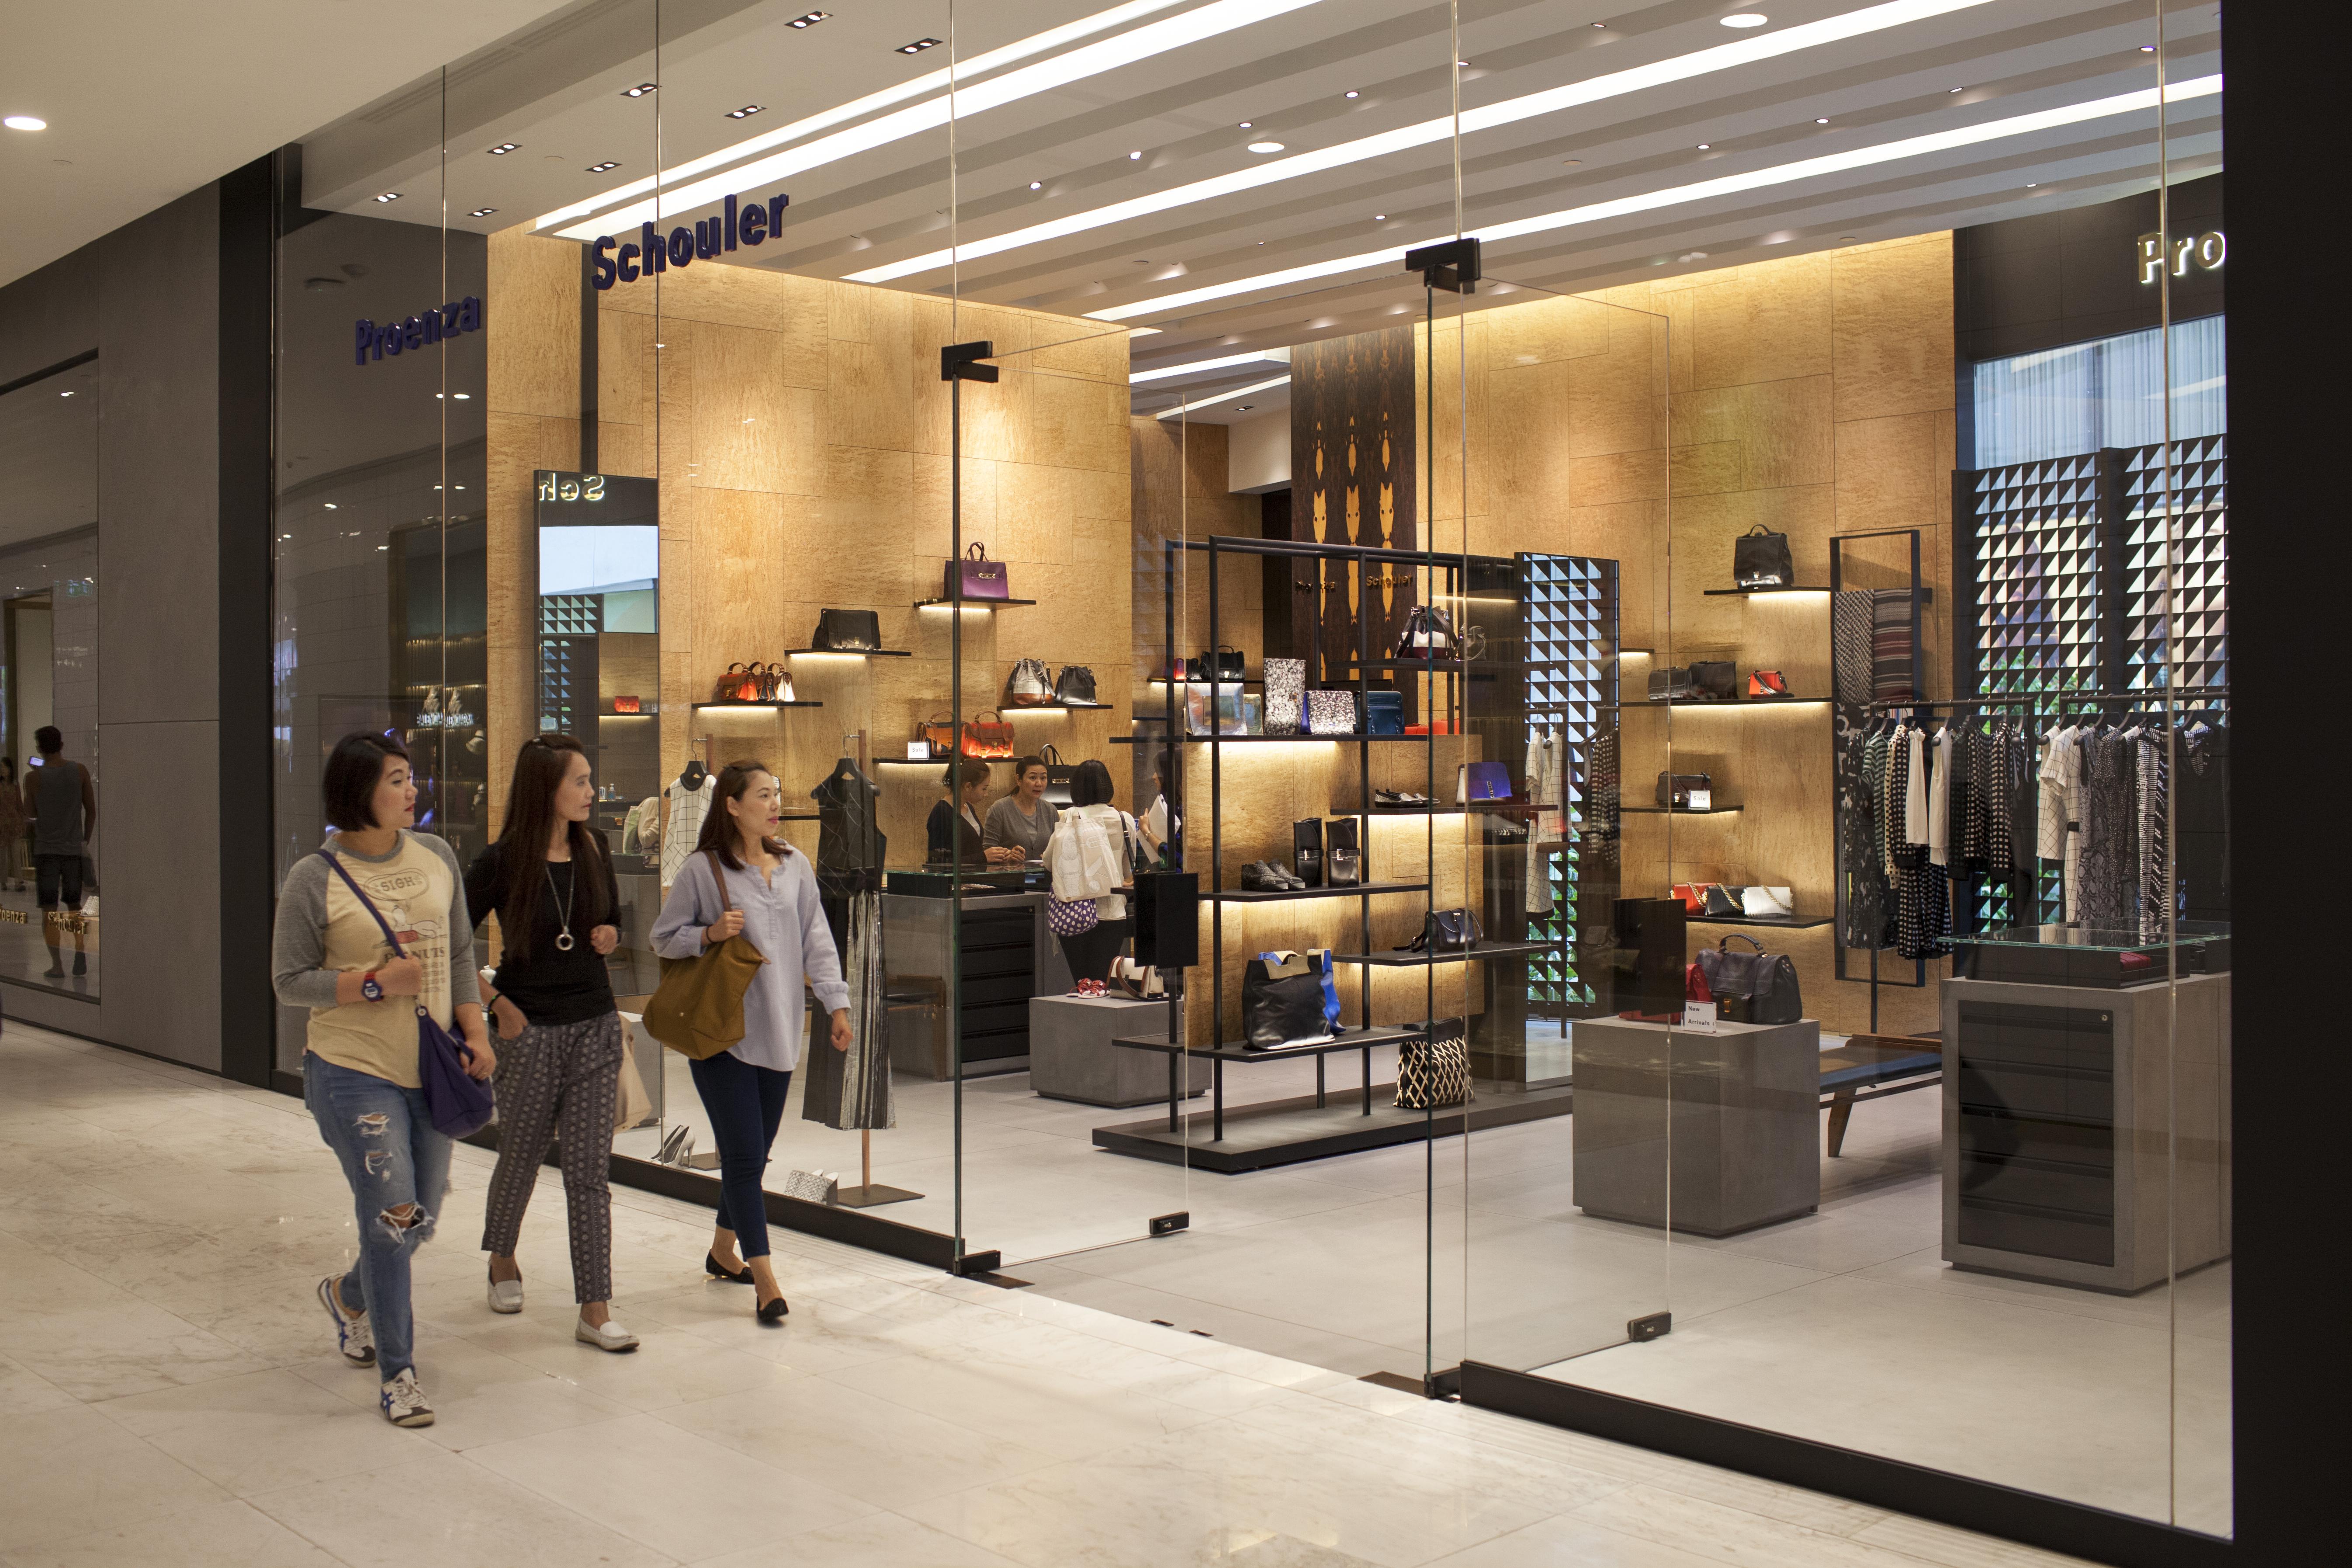 Shoppers Em Quarter